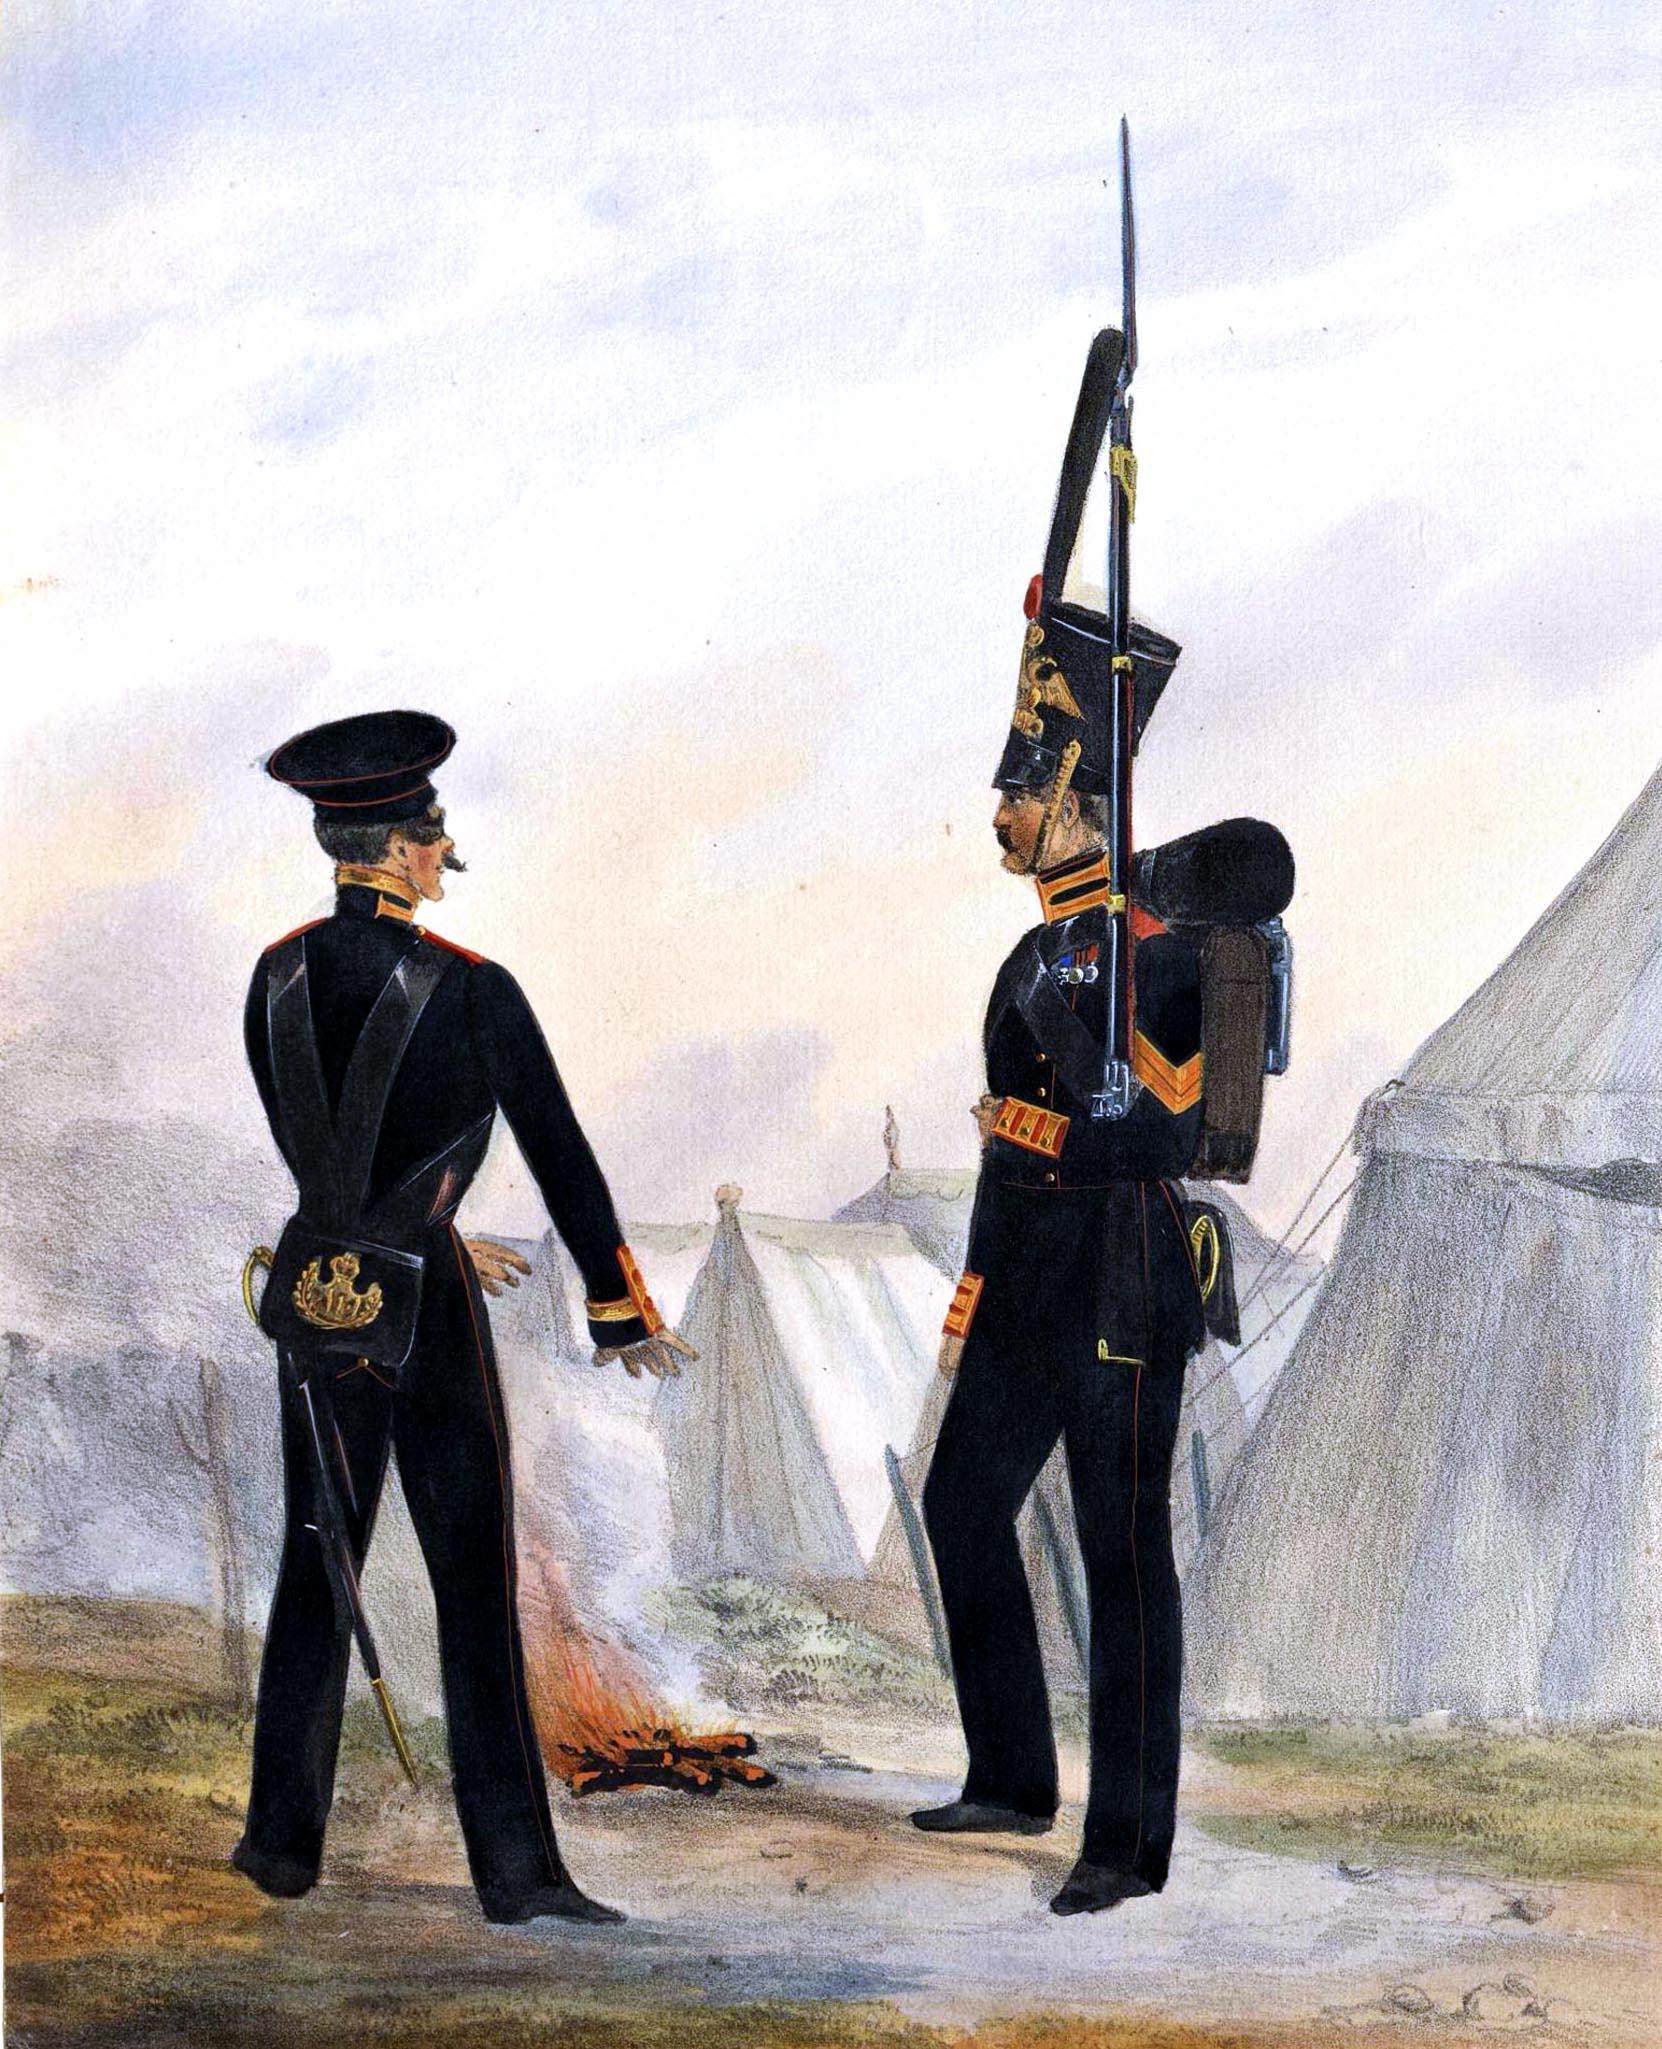 017. Kaiserthum Russland Garde-Regiment Finnland: Unteroffizier und Soldat im Paradeanzug / Российская империя